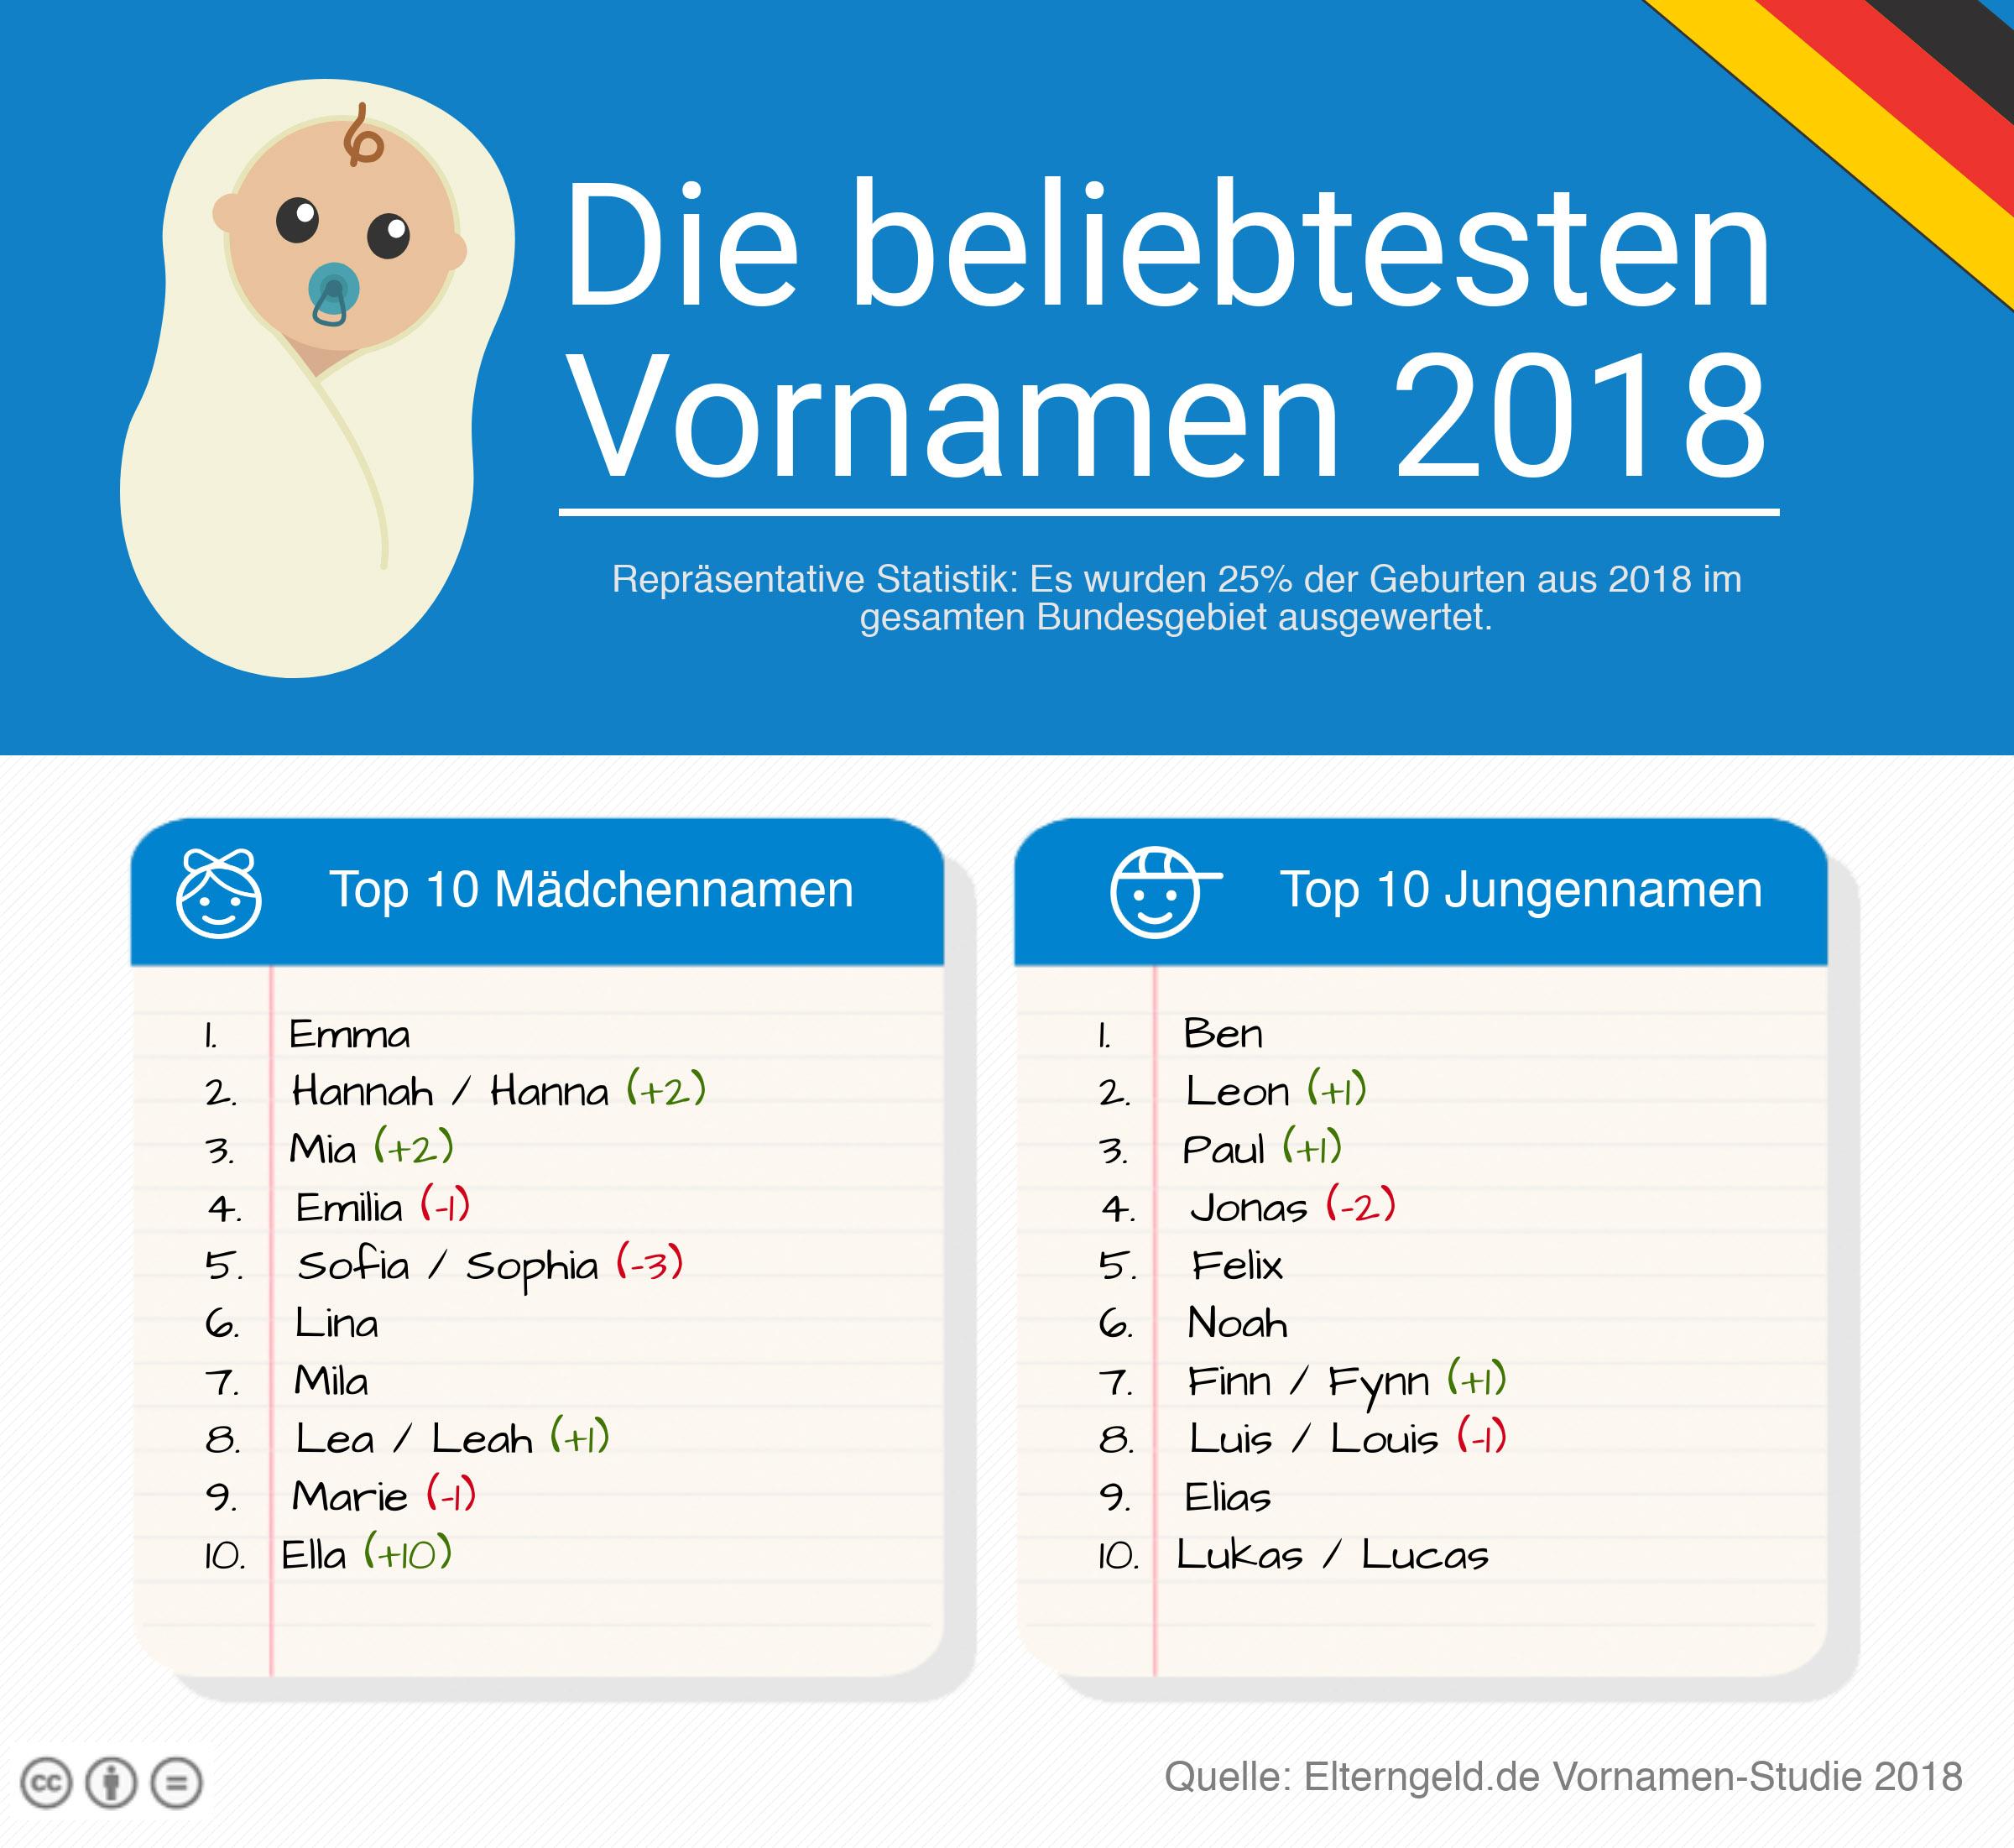 beliebte jungennamen 2018